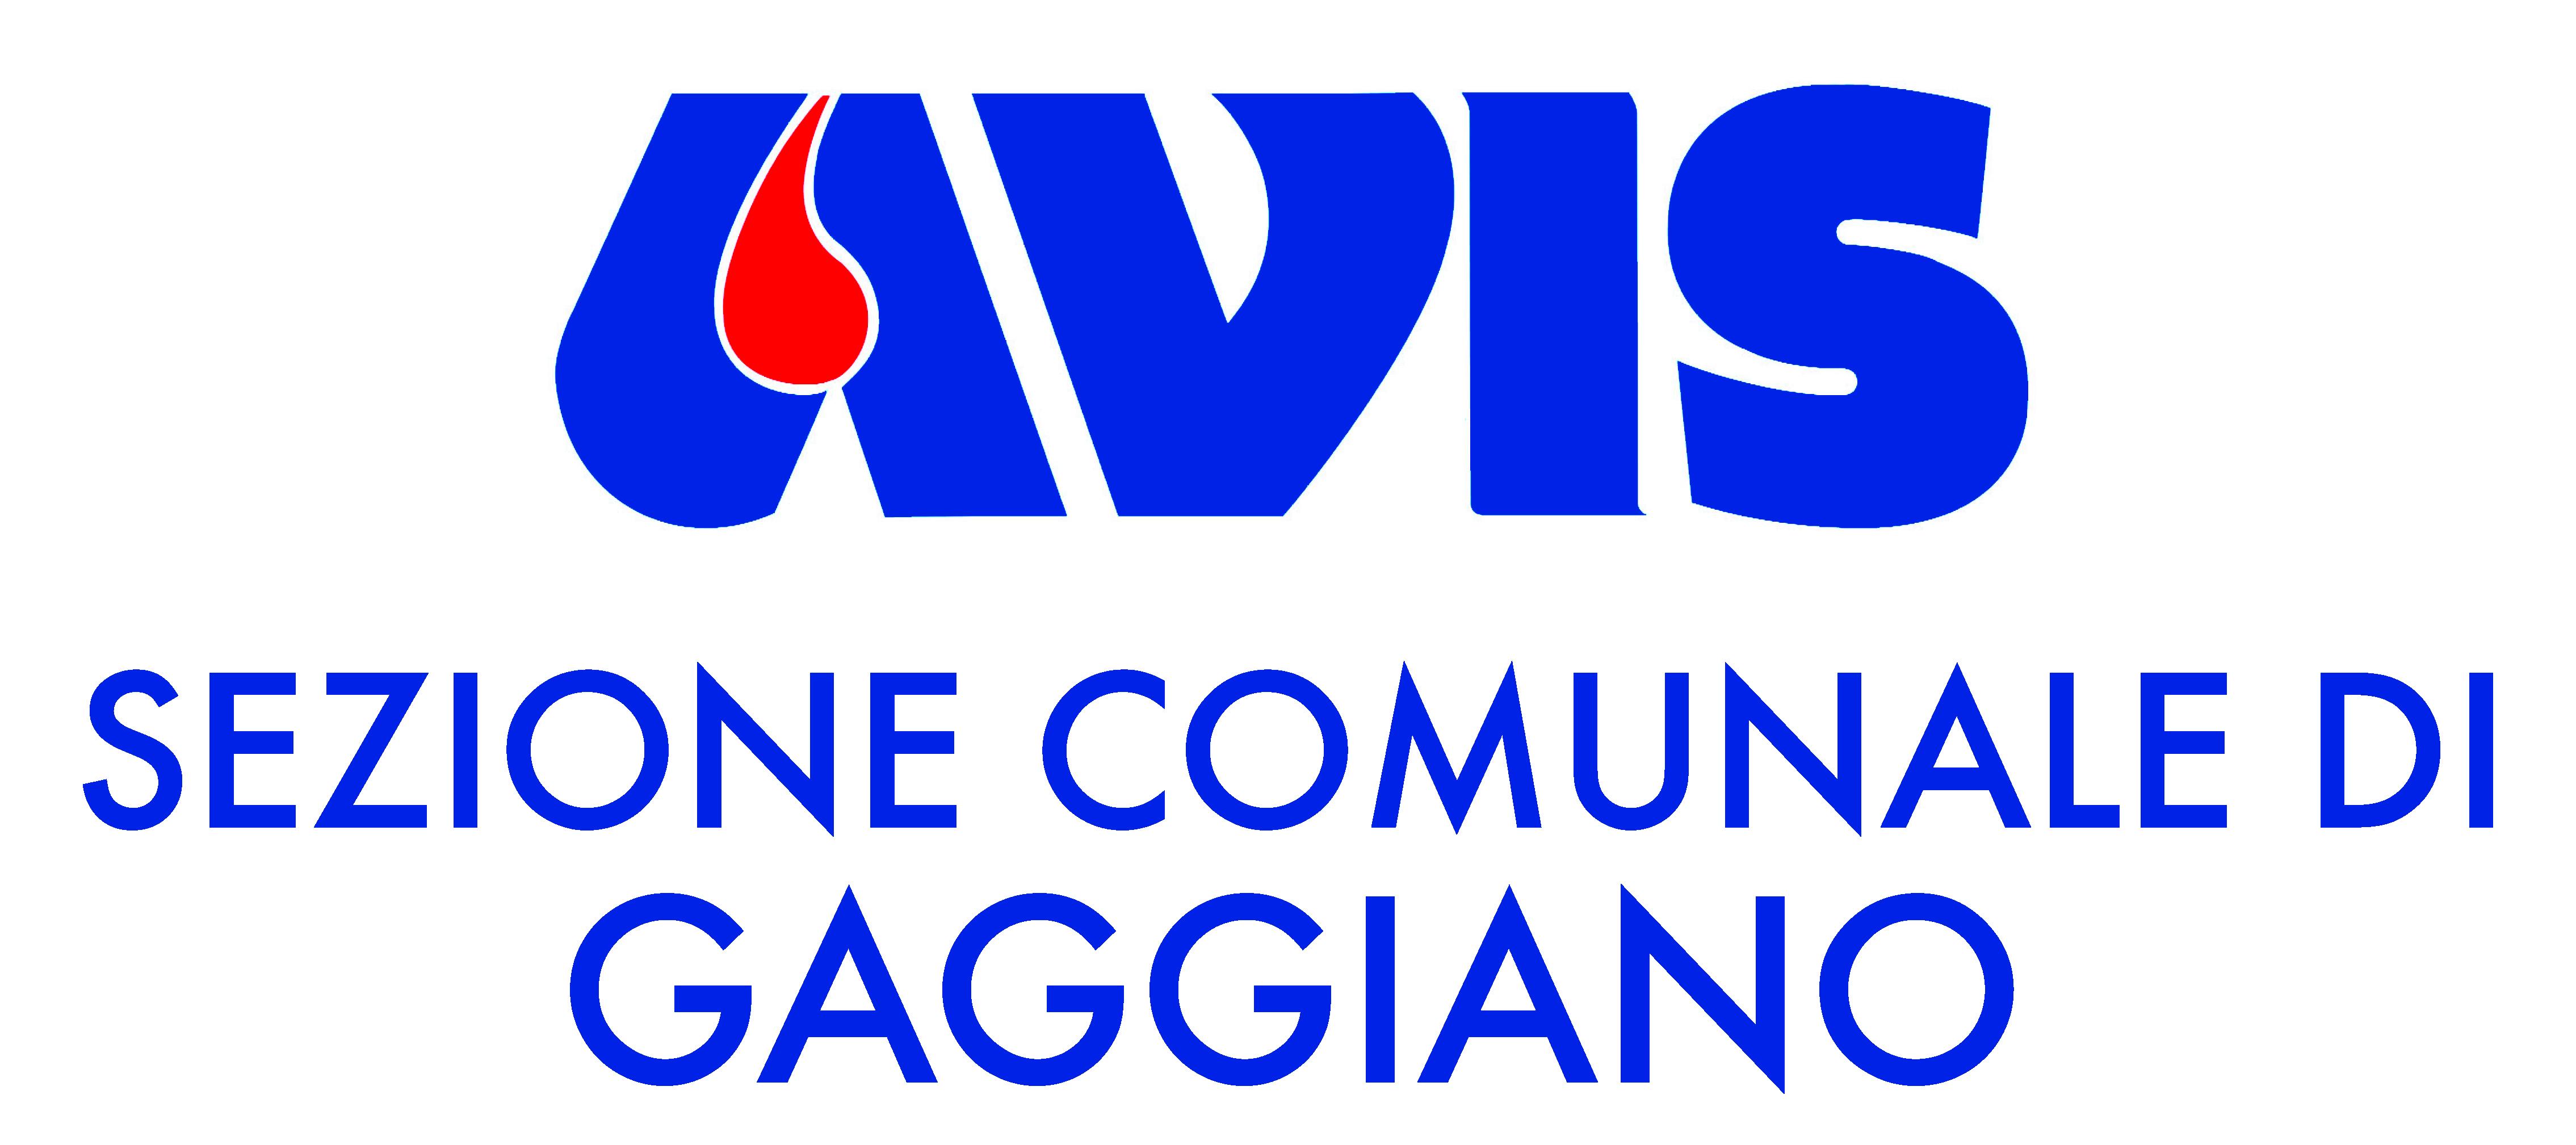 Avis Gaggiano, donazione di sangue in sede il 16 febbraio